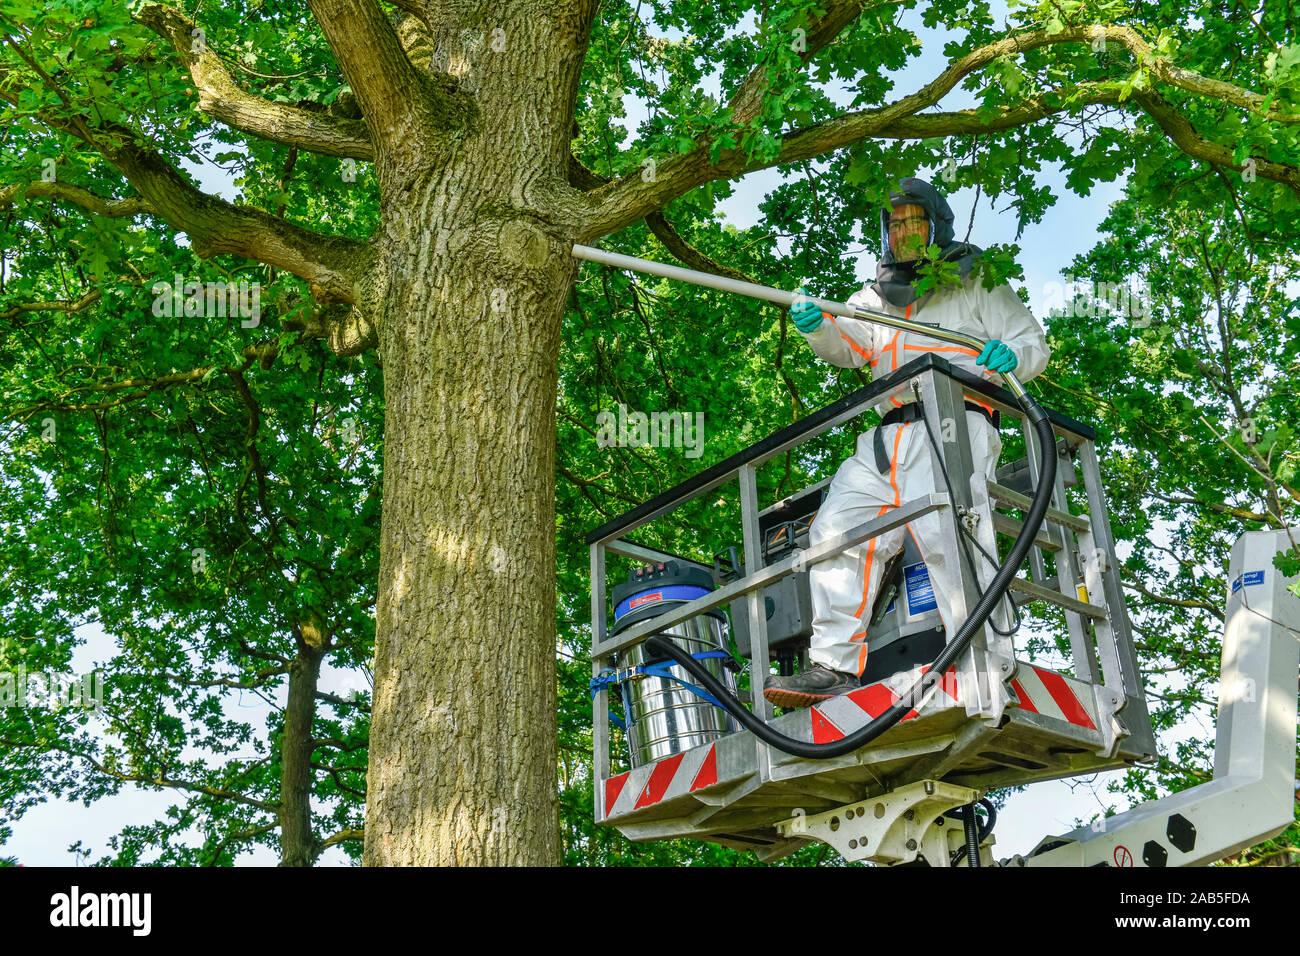 Bekämpfung Eichen-Prozessionsspinner, Münsterland, Nordrhein-Westfalen, Deutschland Stock Photo